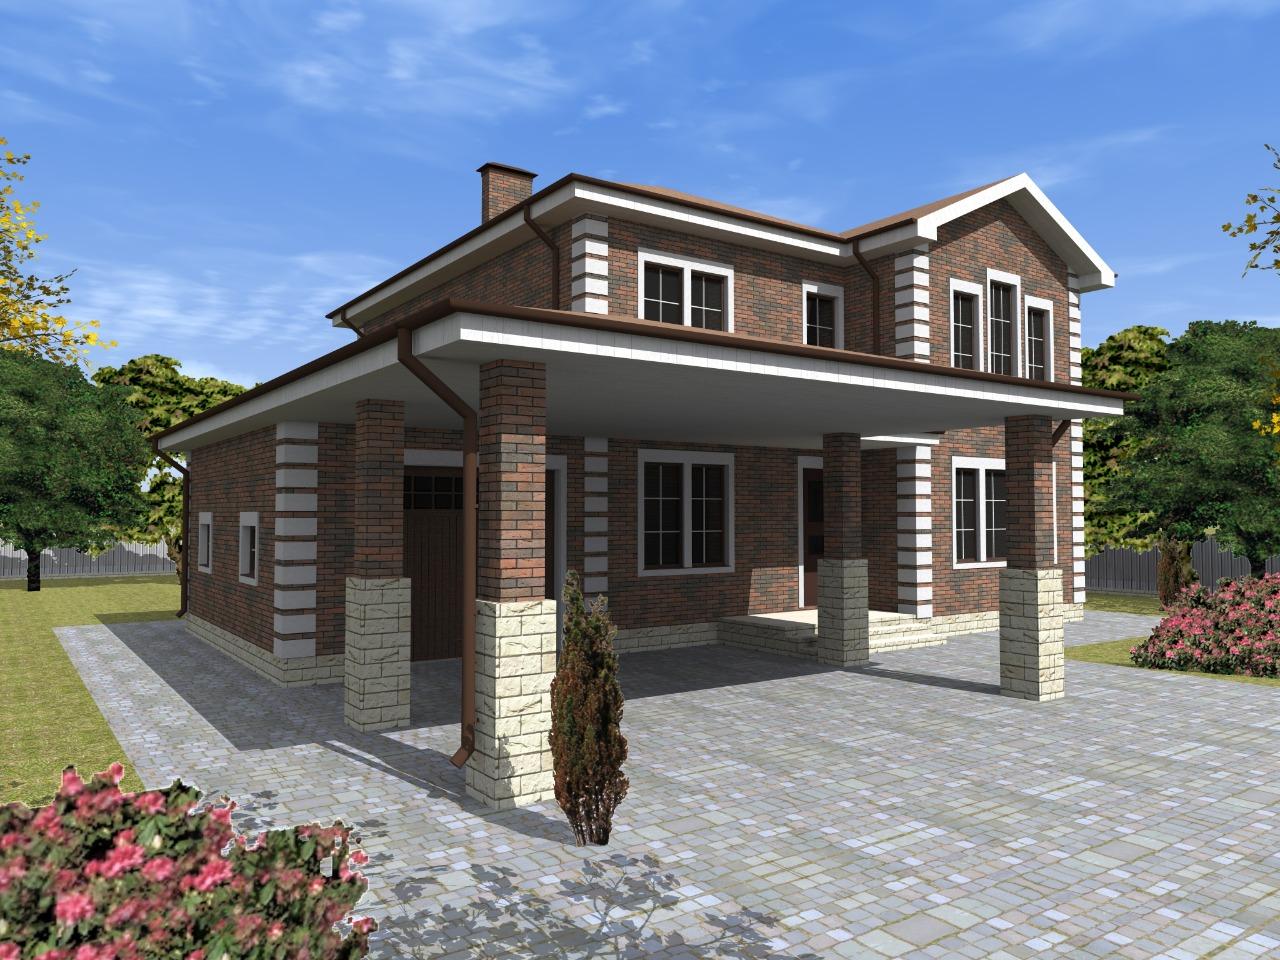 Проект двухэтажного кирпичного дома с гаражом и навесом